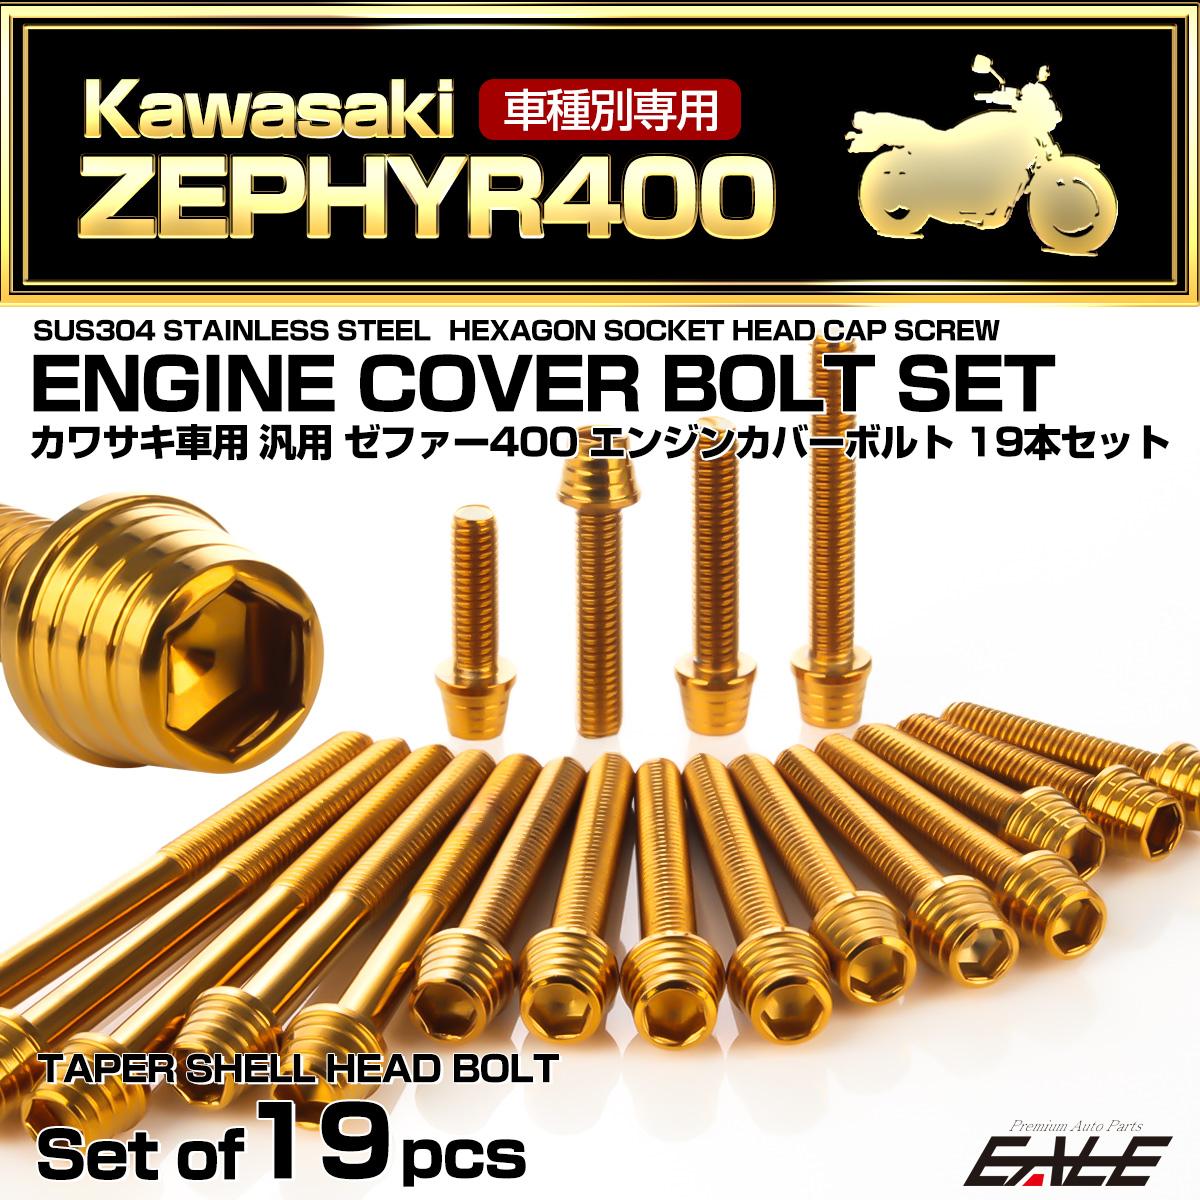 ゼファー400 エンジンカバーボルト 19本セット カワサキ車用 ZEPHYR400 テーパーシェルヘッド ゴールド TB8121